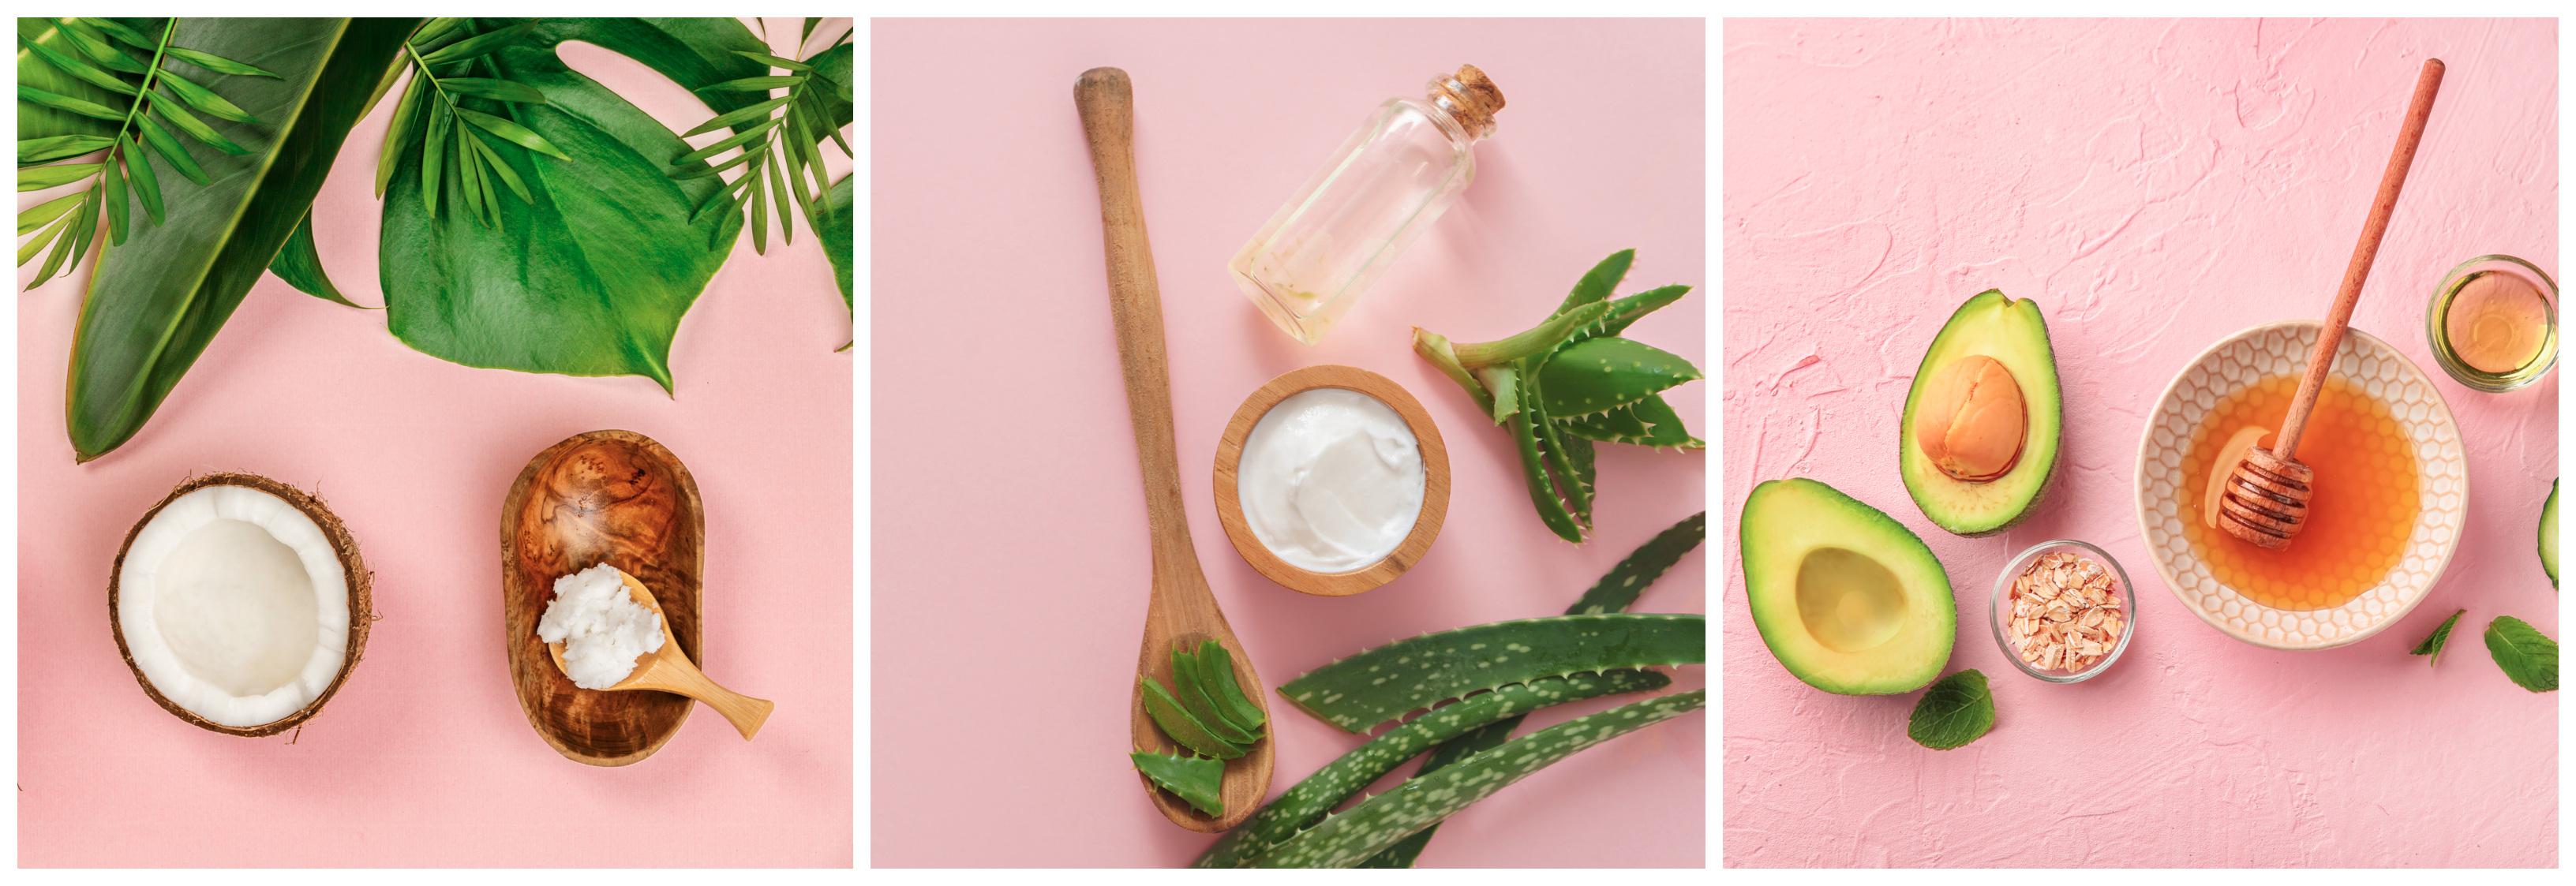 Ingredientele naturale în produsele cosmetice